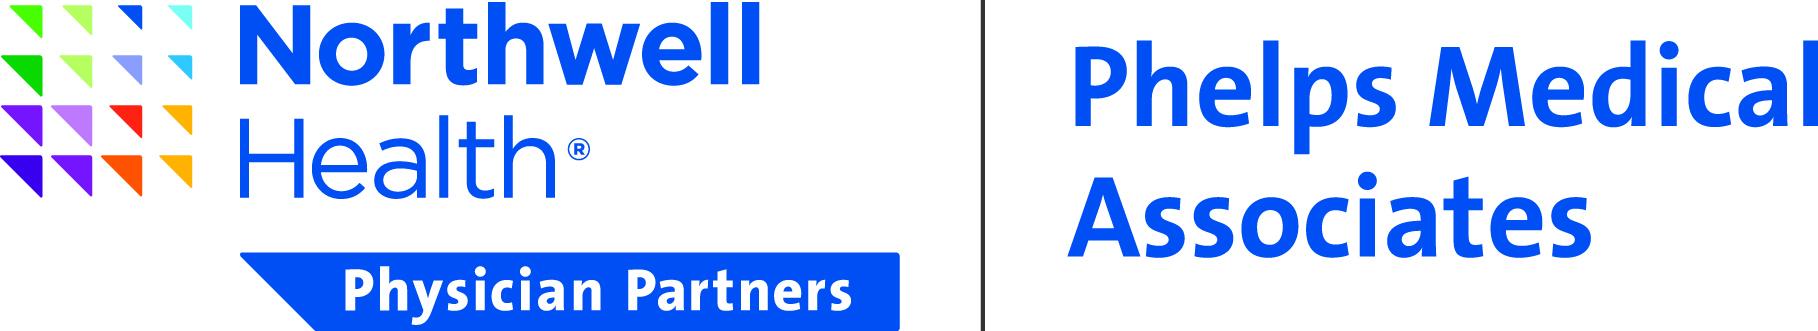 PMA-Partners-Logo-Phase-I-A.jpg